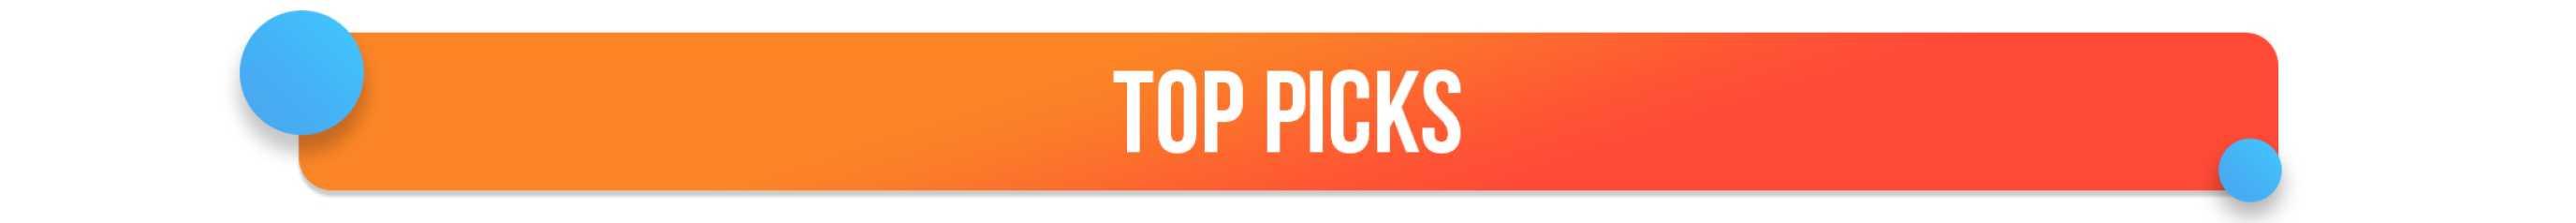 ny18 top picks